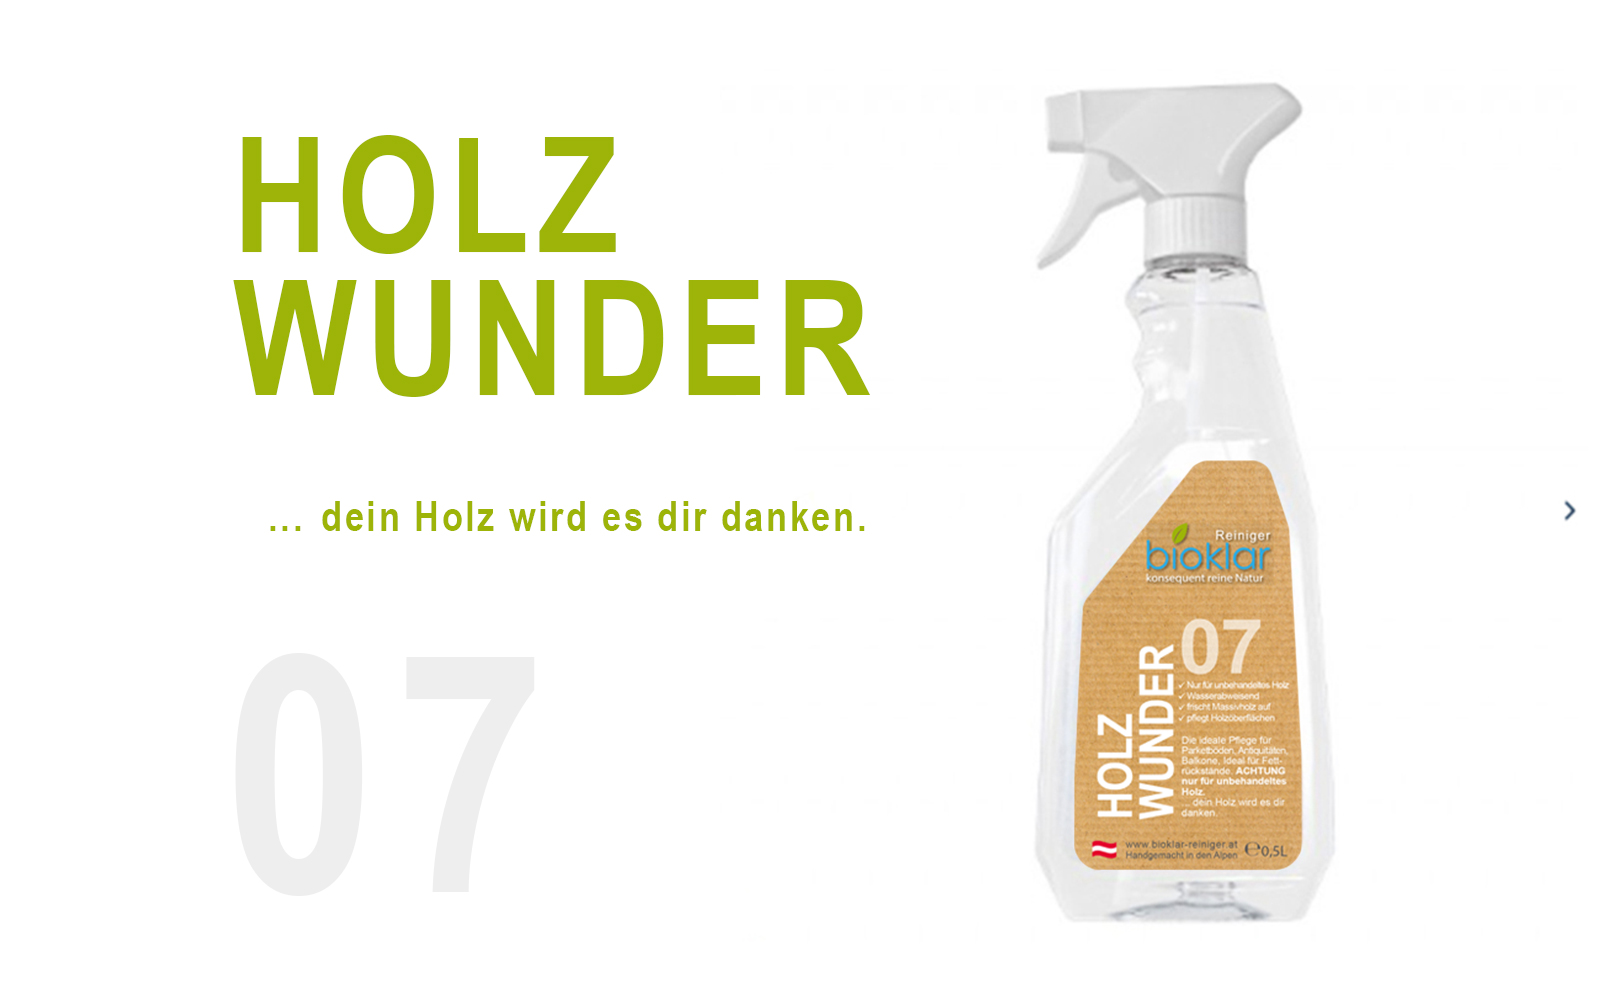 07 HOLZ WUNDER